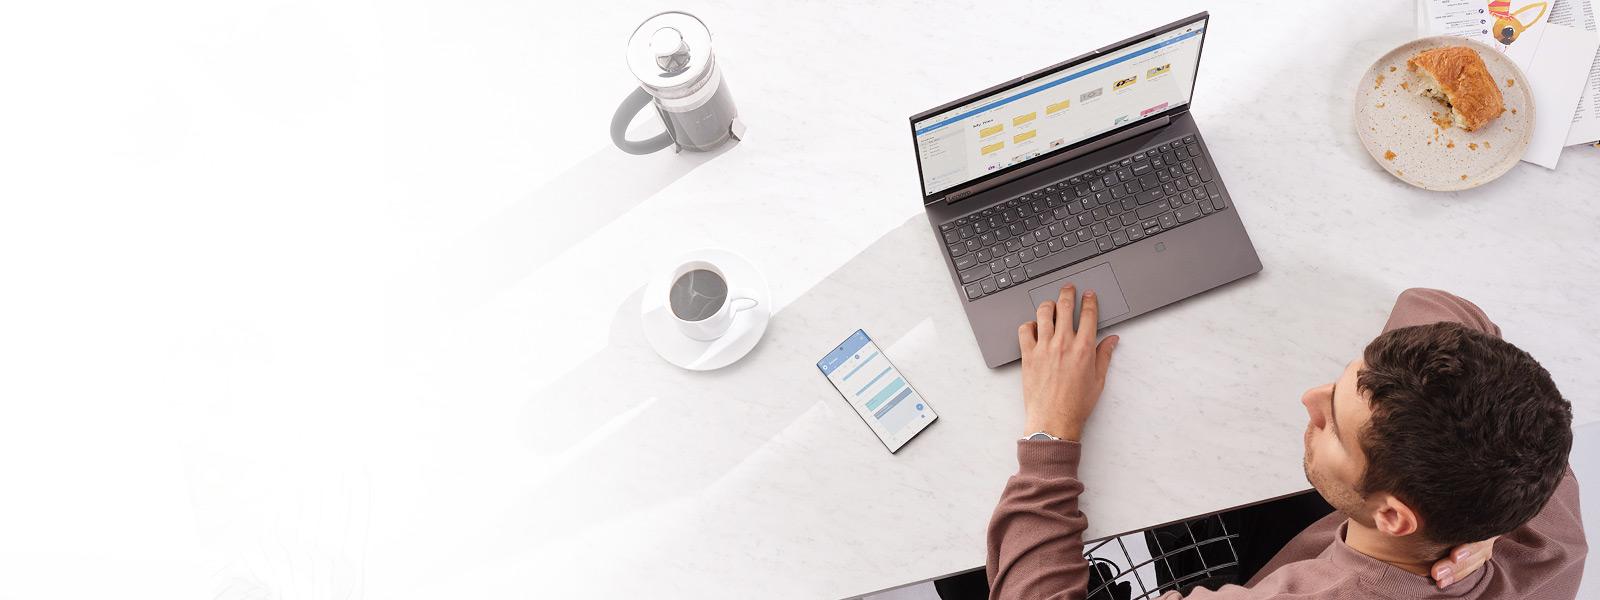 Un homme assis avec un ordinateur portable Windows et son téléphone à côté de lui